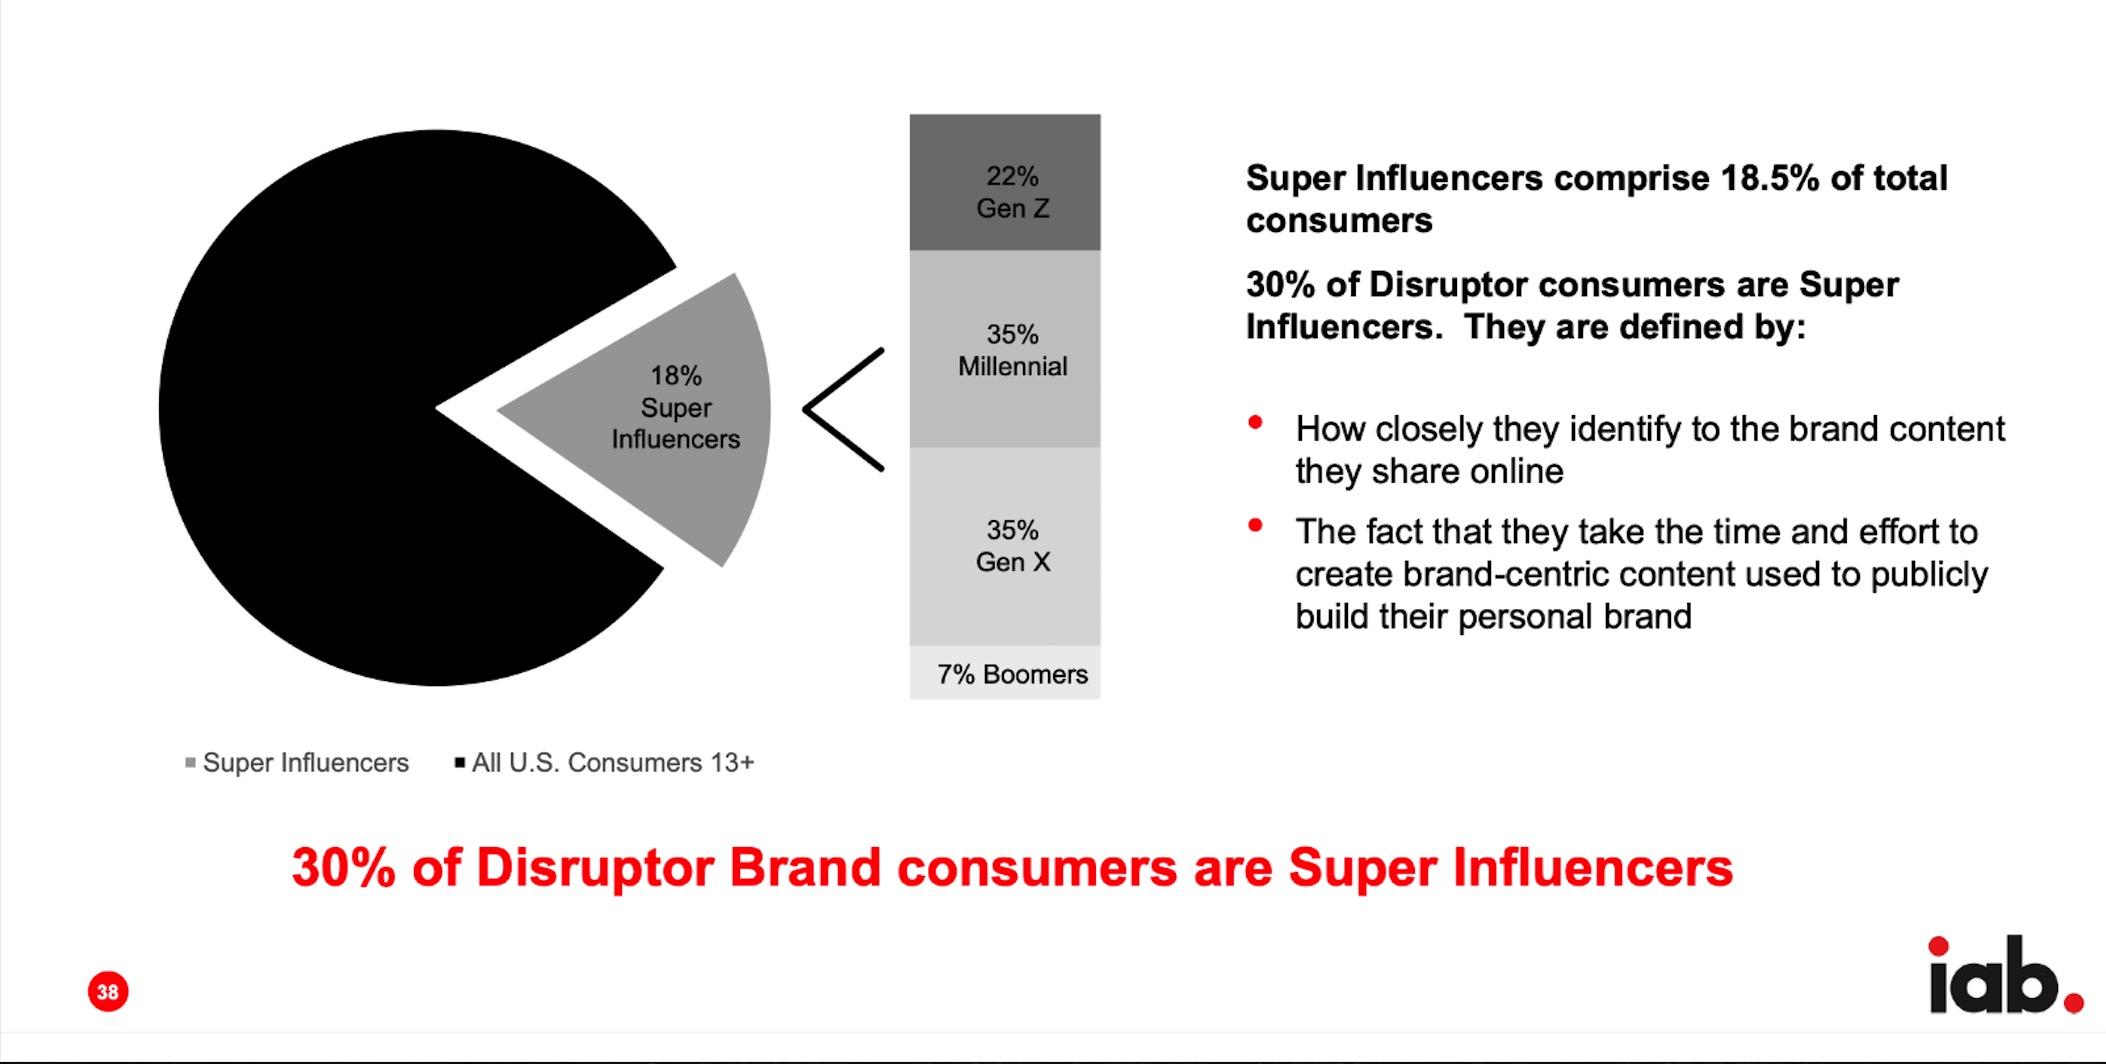 super influencer